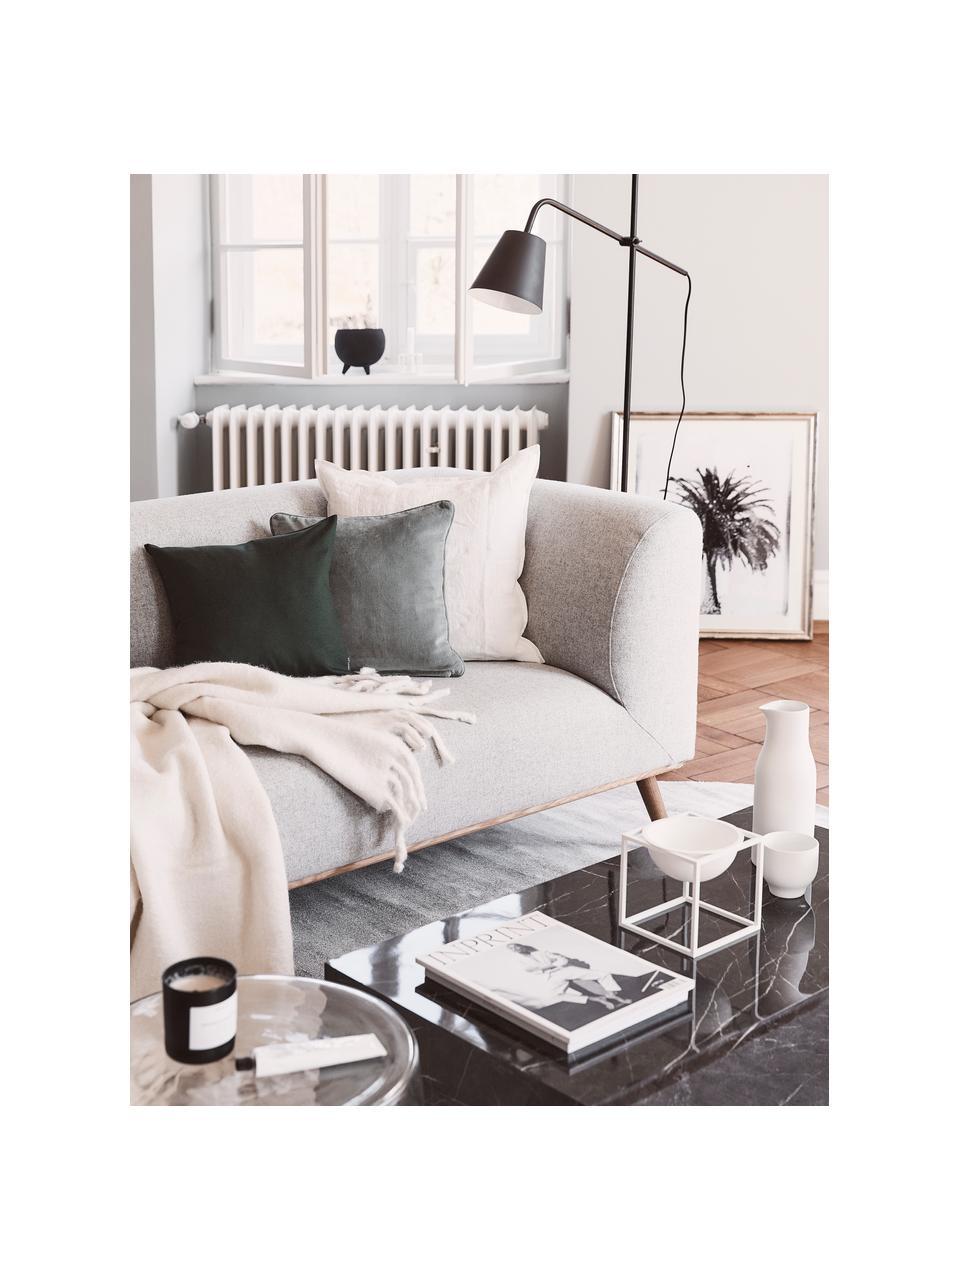 Poszewka na poduszkę z aksamitu Dana, 100% aksamit bawełniany, Szałwiowy zielony, S 50 x D 50 cm